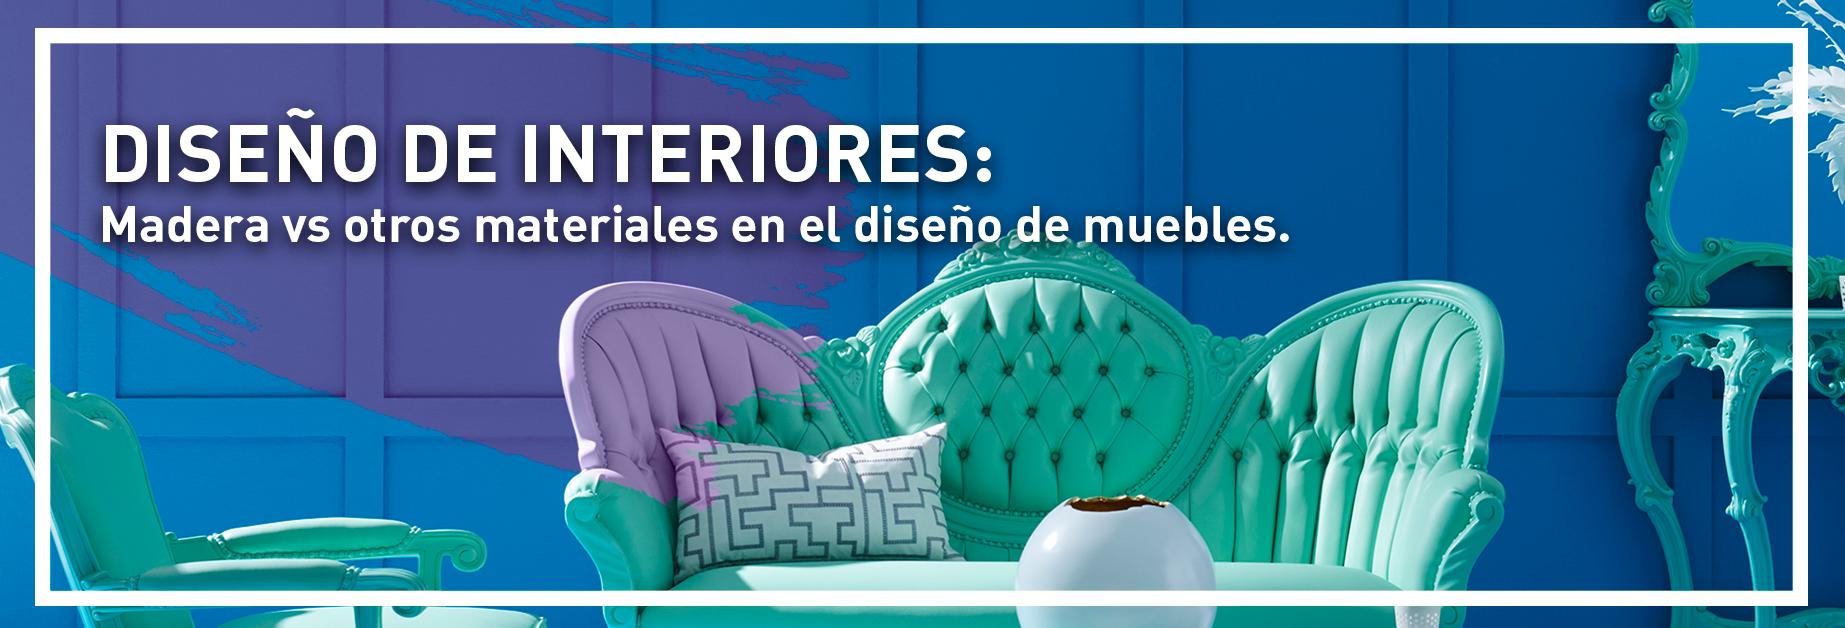 banner-diseño-de-interiores-madera-vs-otros-materiales-en-el-diseño-de-muebles